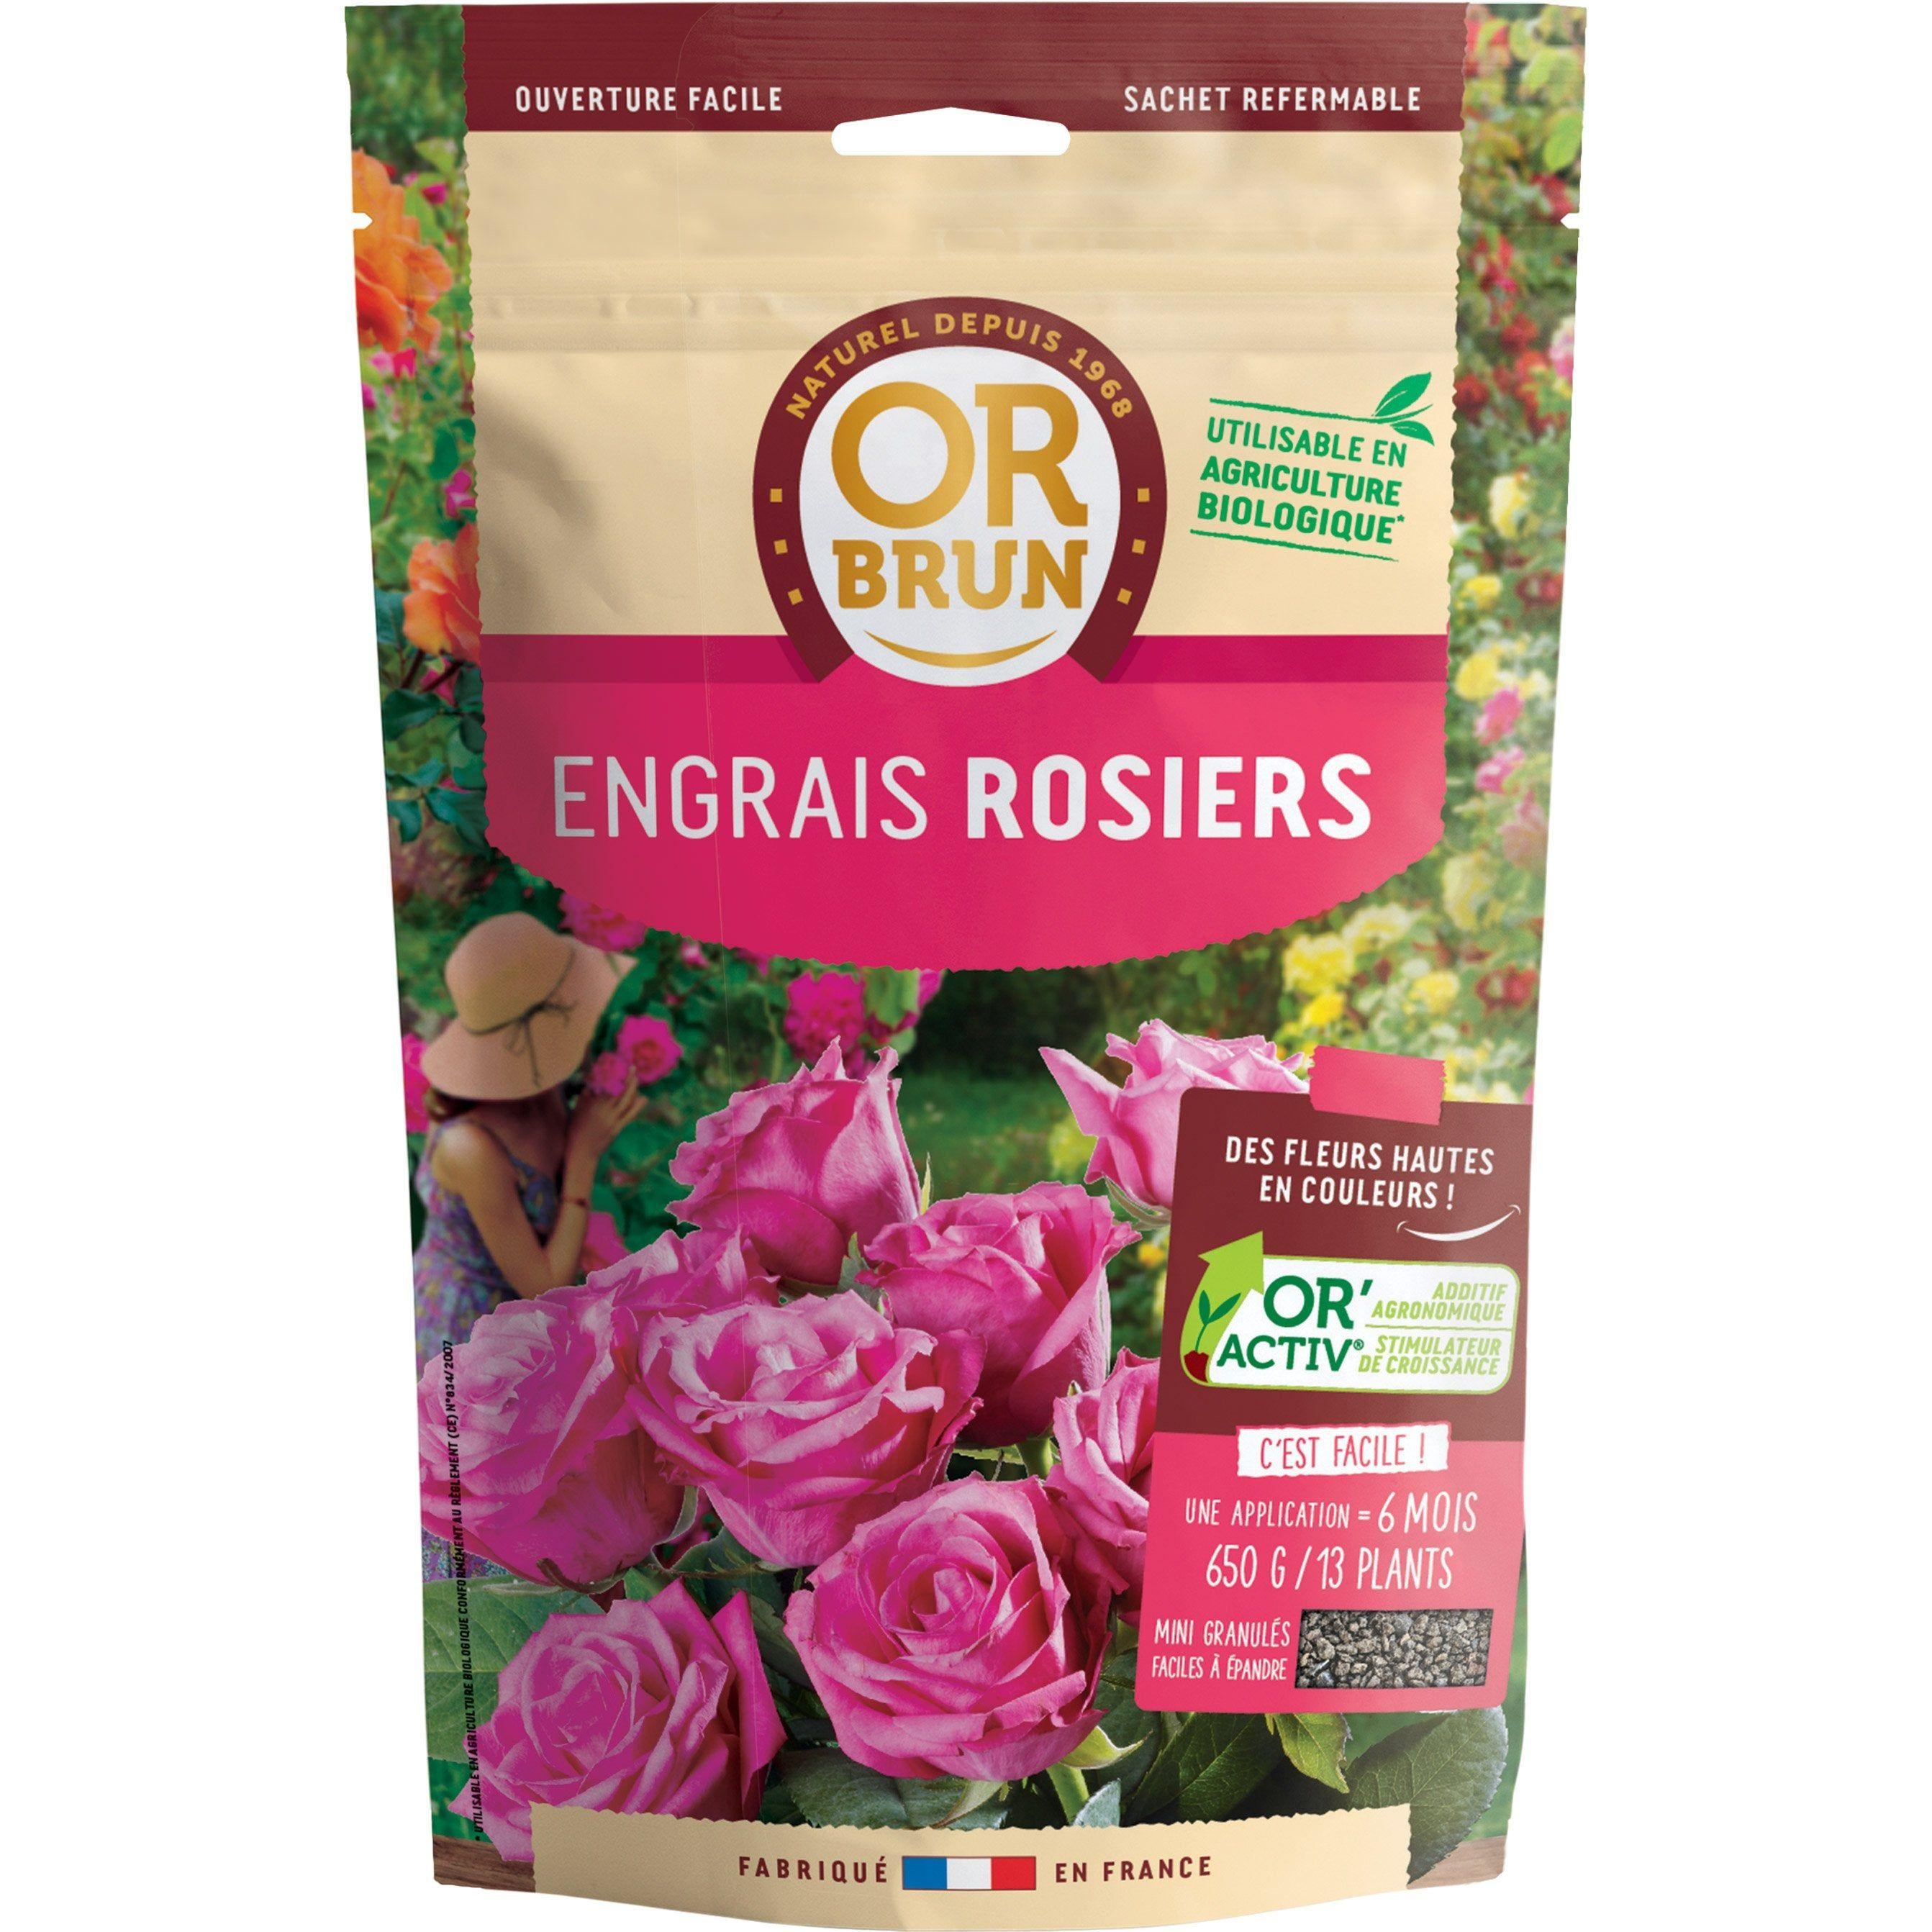 Engrais Rosiers Or Brun 650g 9 M Products En 2019 Engrais